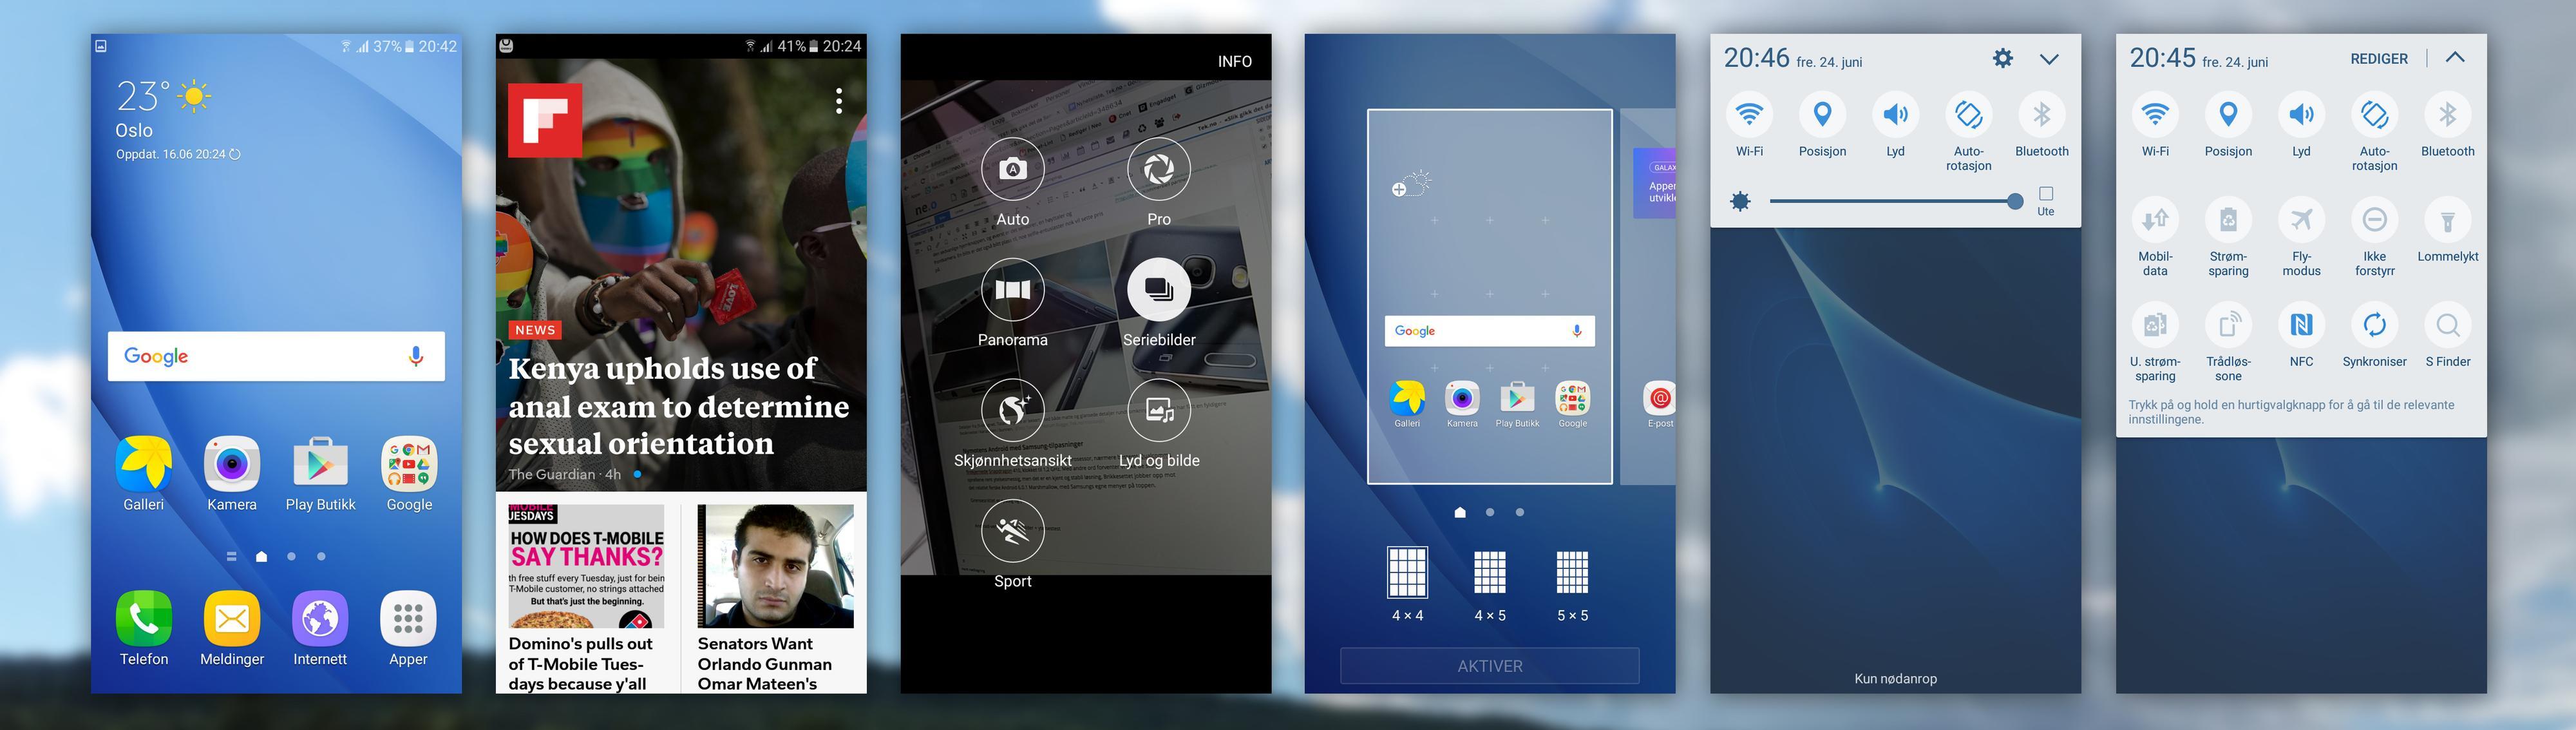 J5-menyene er i god, gammeldags Samsung-stil. Flipboard-menyen helt til venstre i hjemskjermene kan skrus av og på.